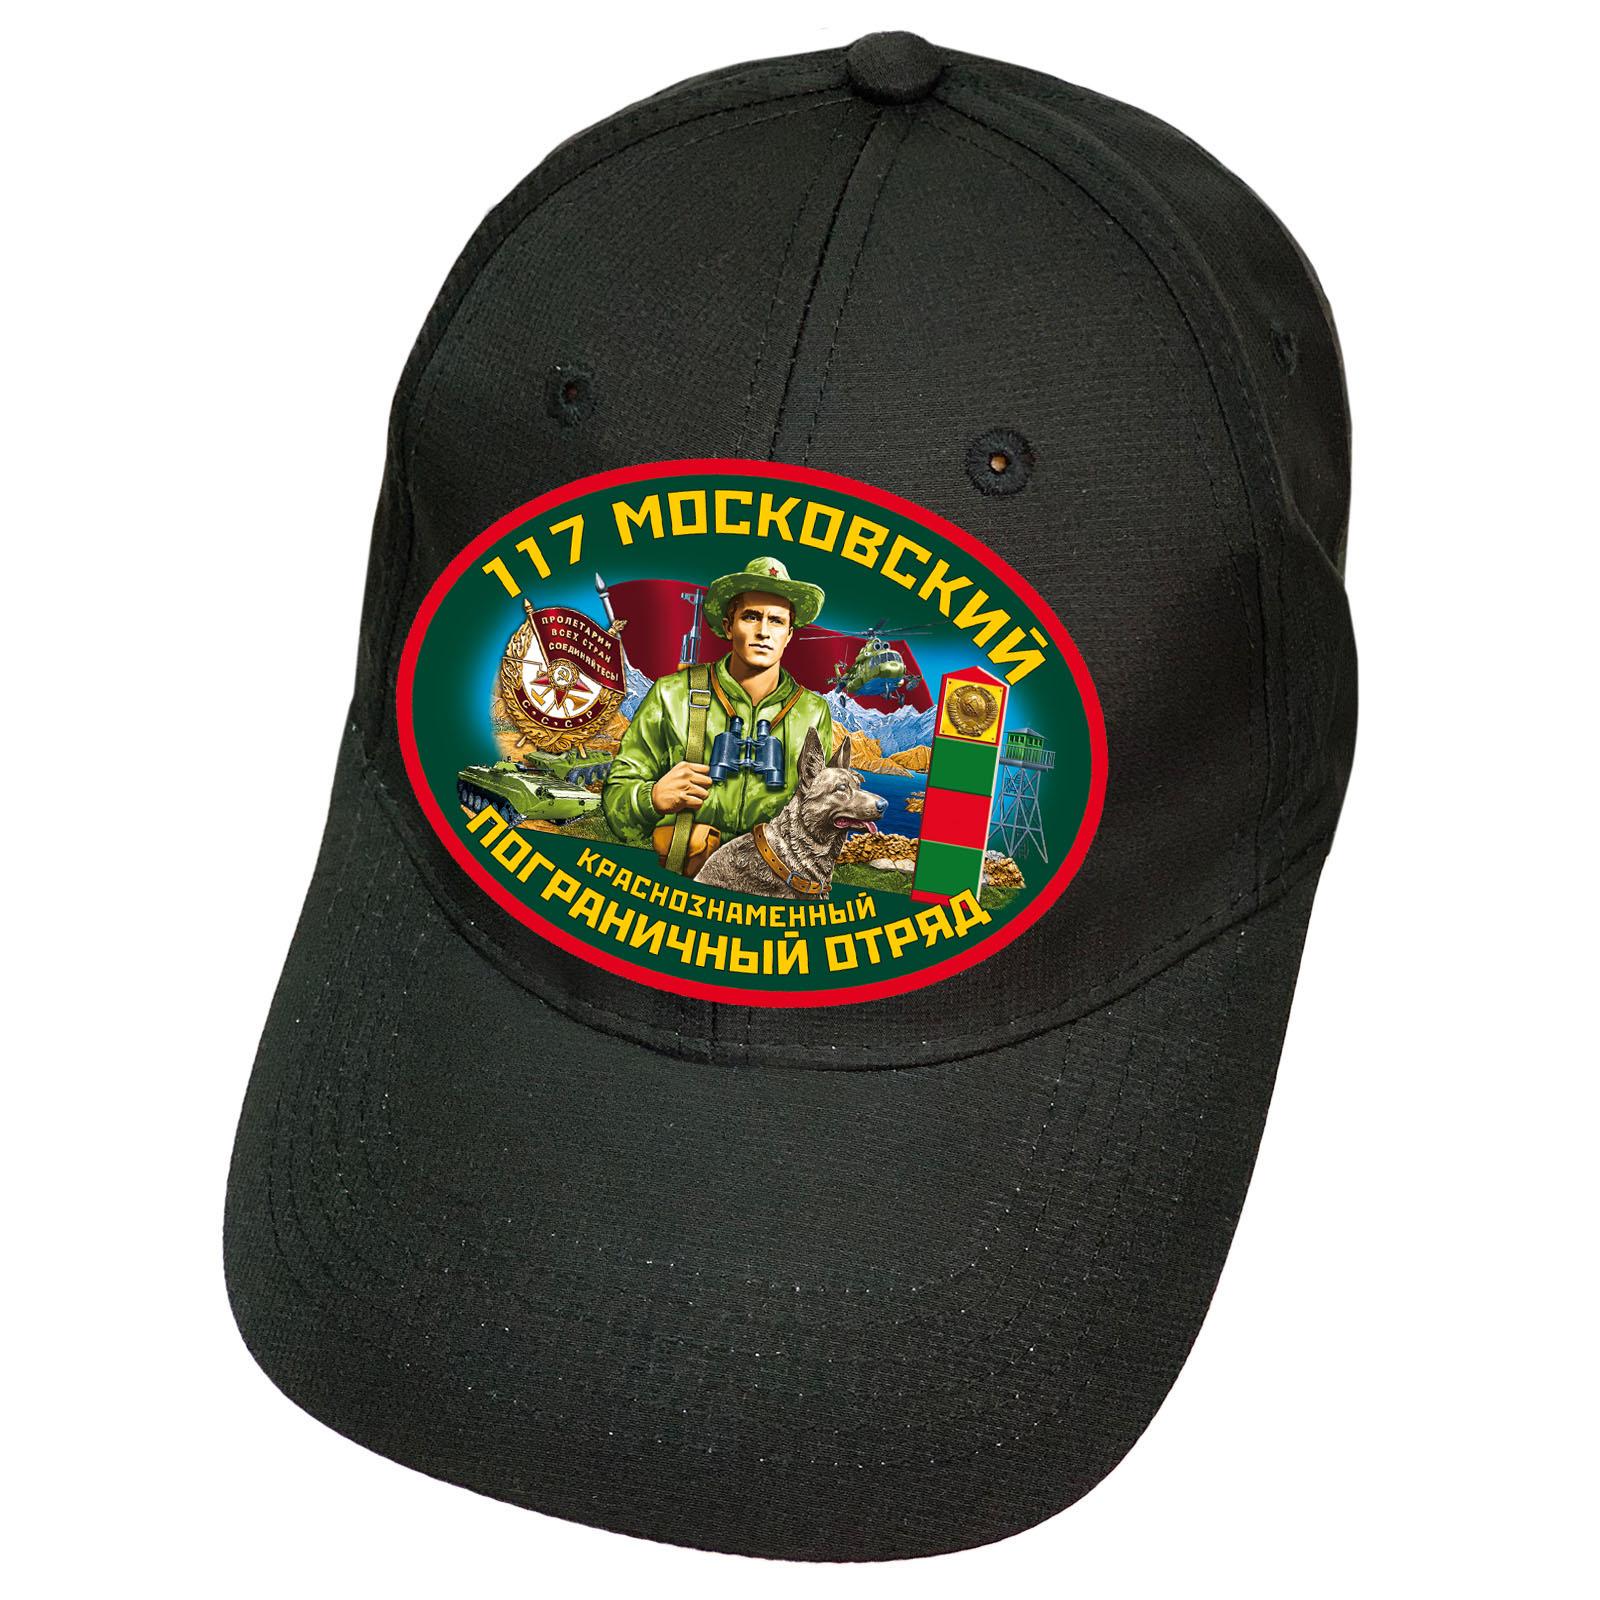 Чёрная бейсболка 117 Московский пограничный отряд